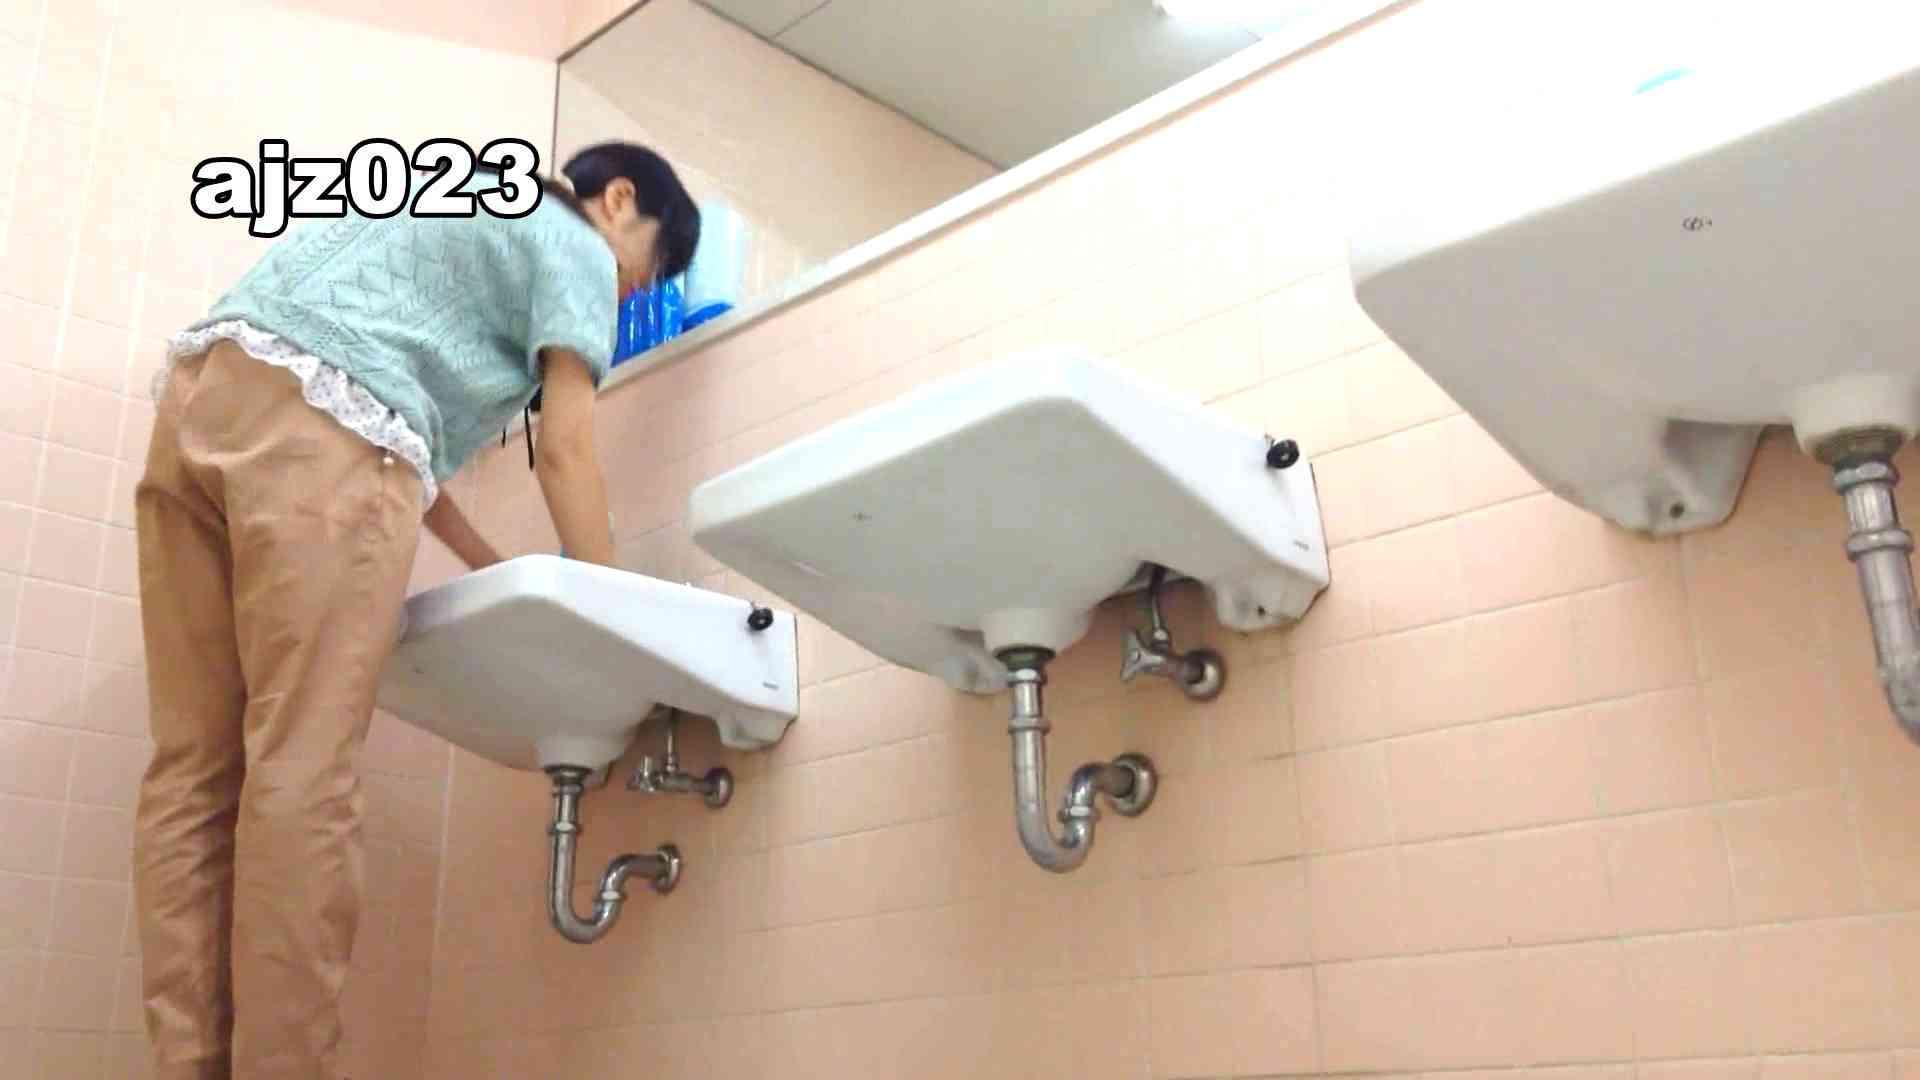 某有名大学女性洗面所 vol.23 潜入 濡れ場動画紹介 101画像 30